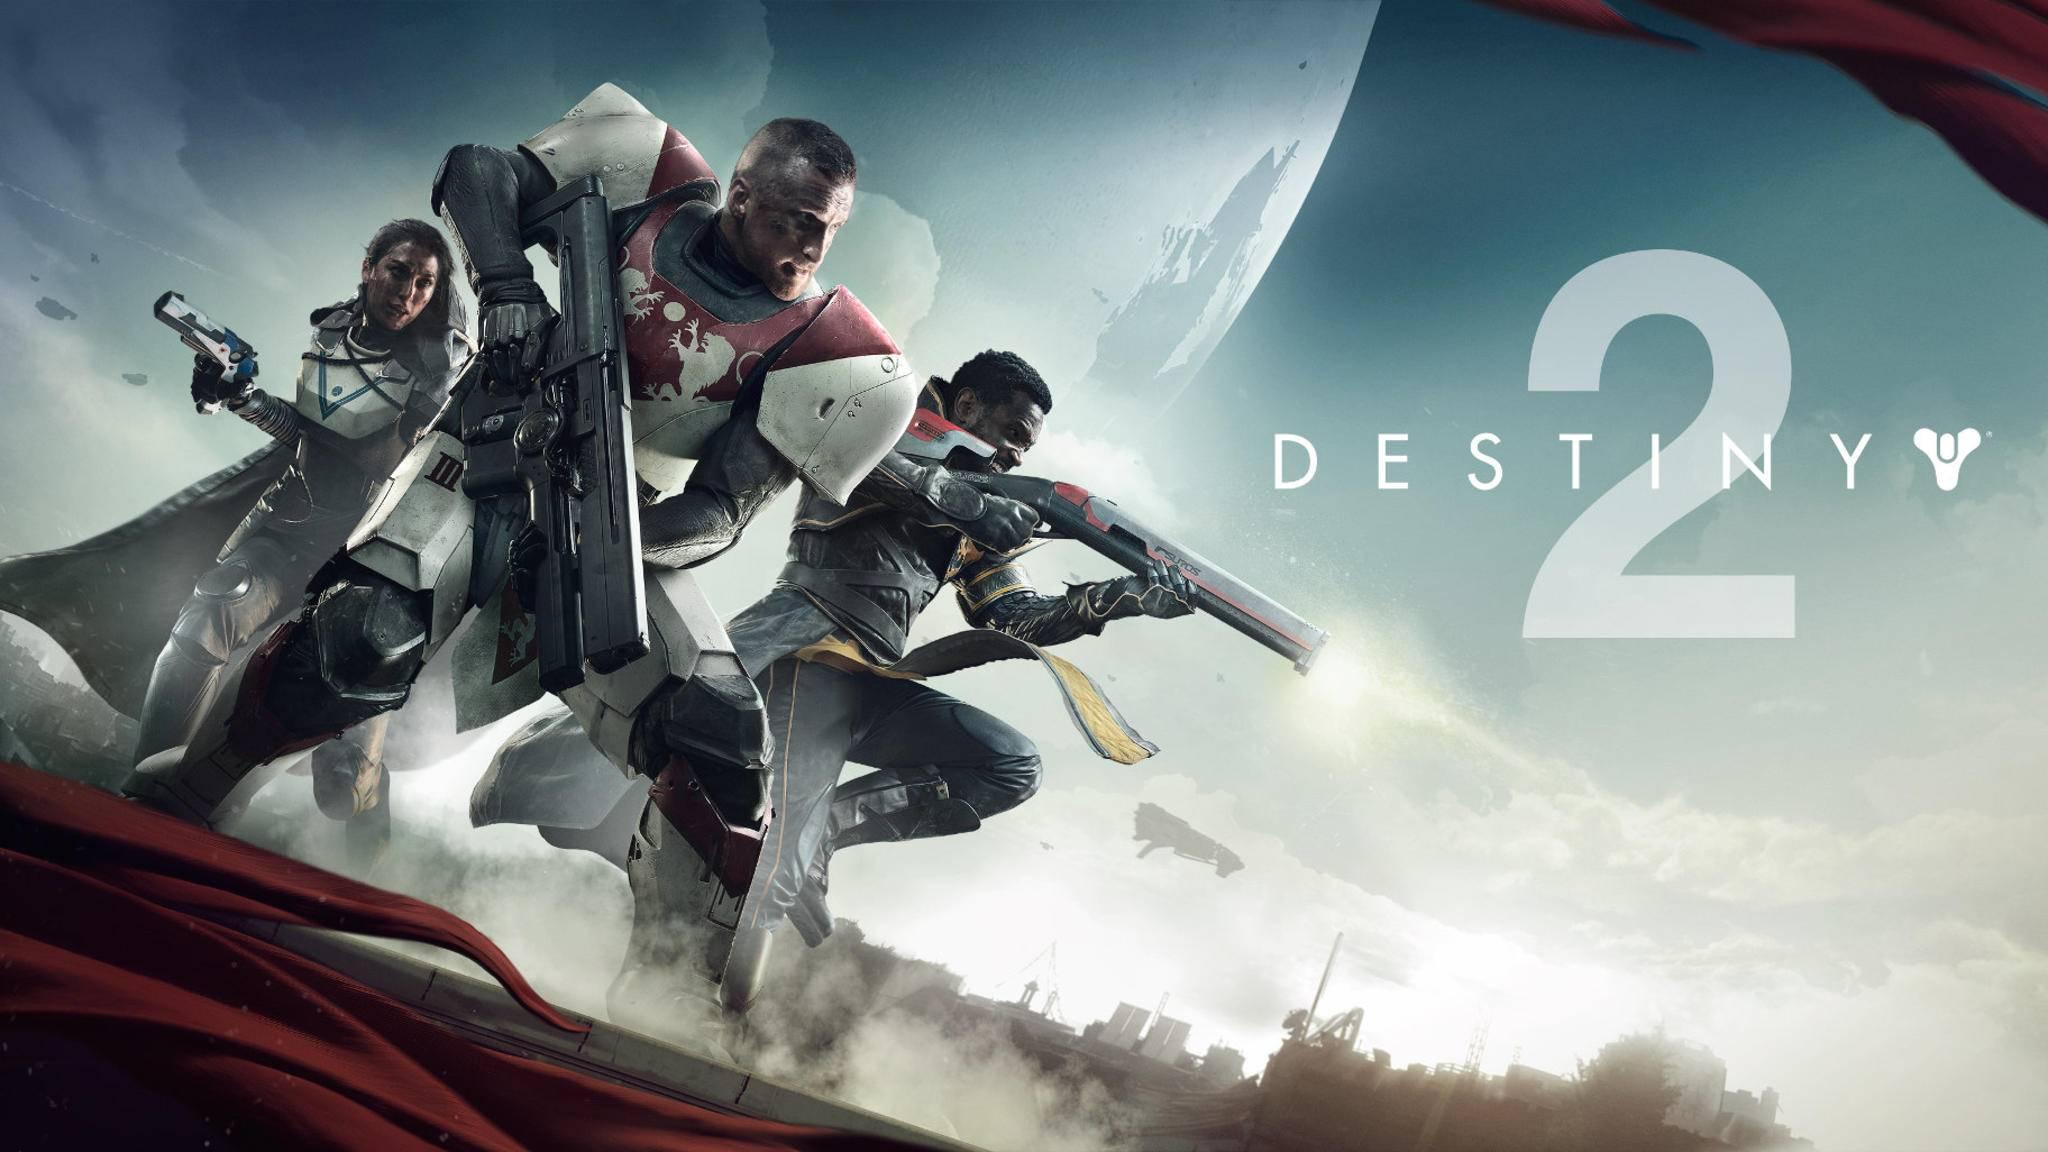 Destiny 2 Artwork